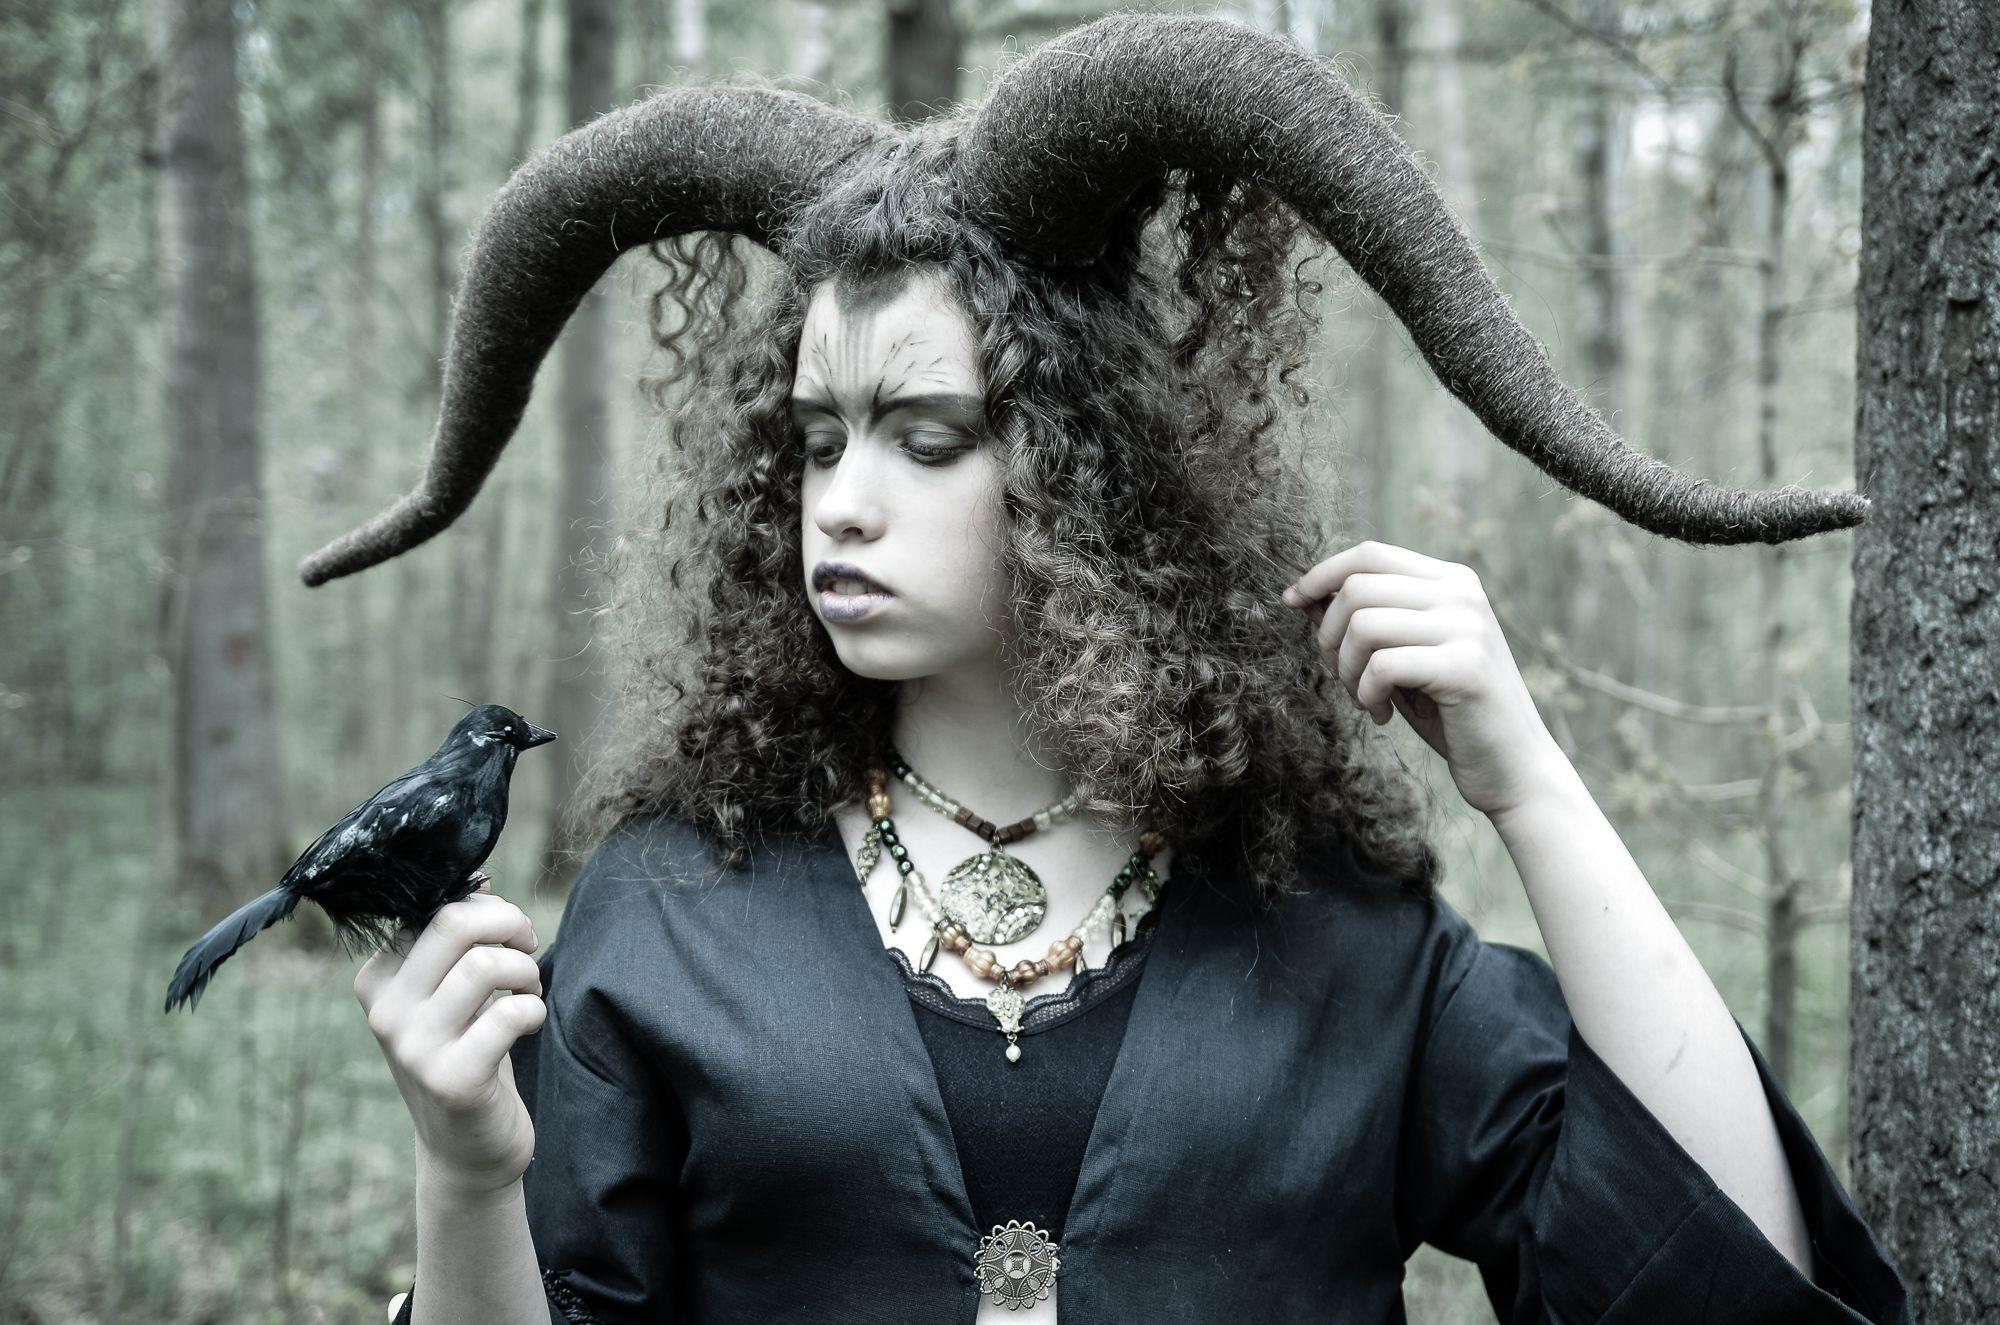 портрет, девушка, лес, постановочная фотография,, Верещако Валерий